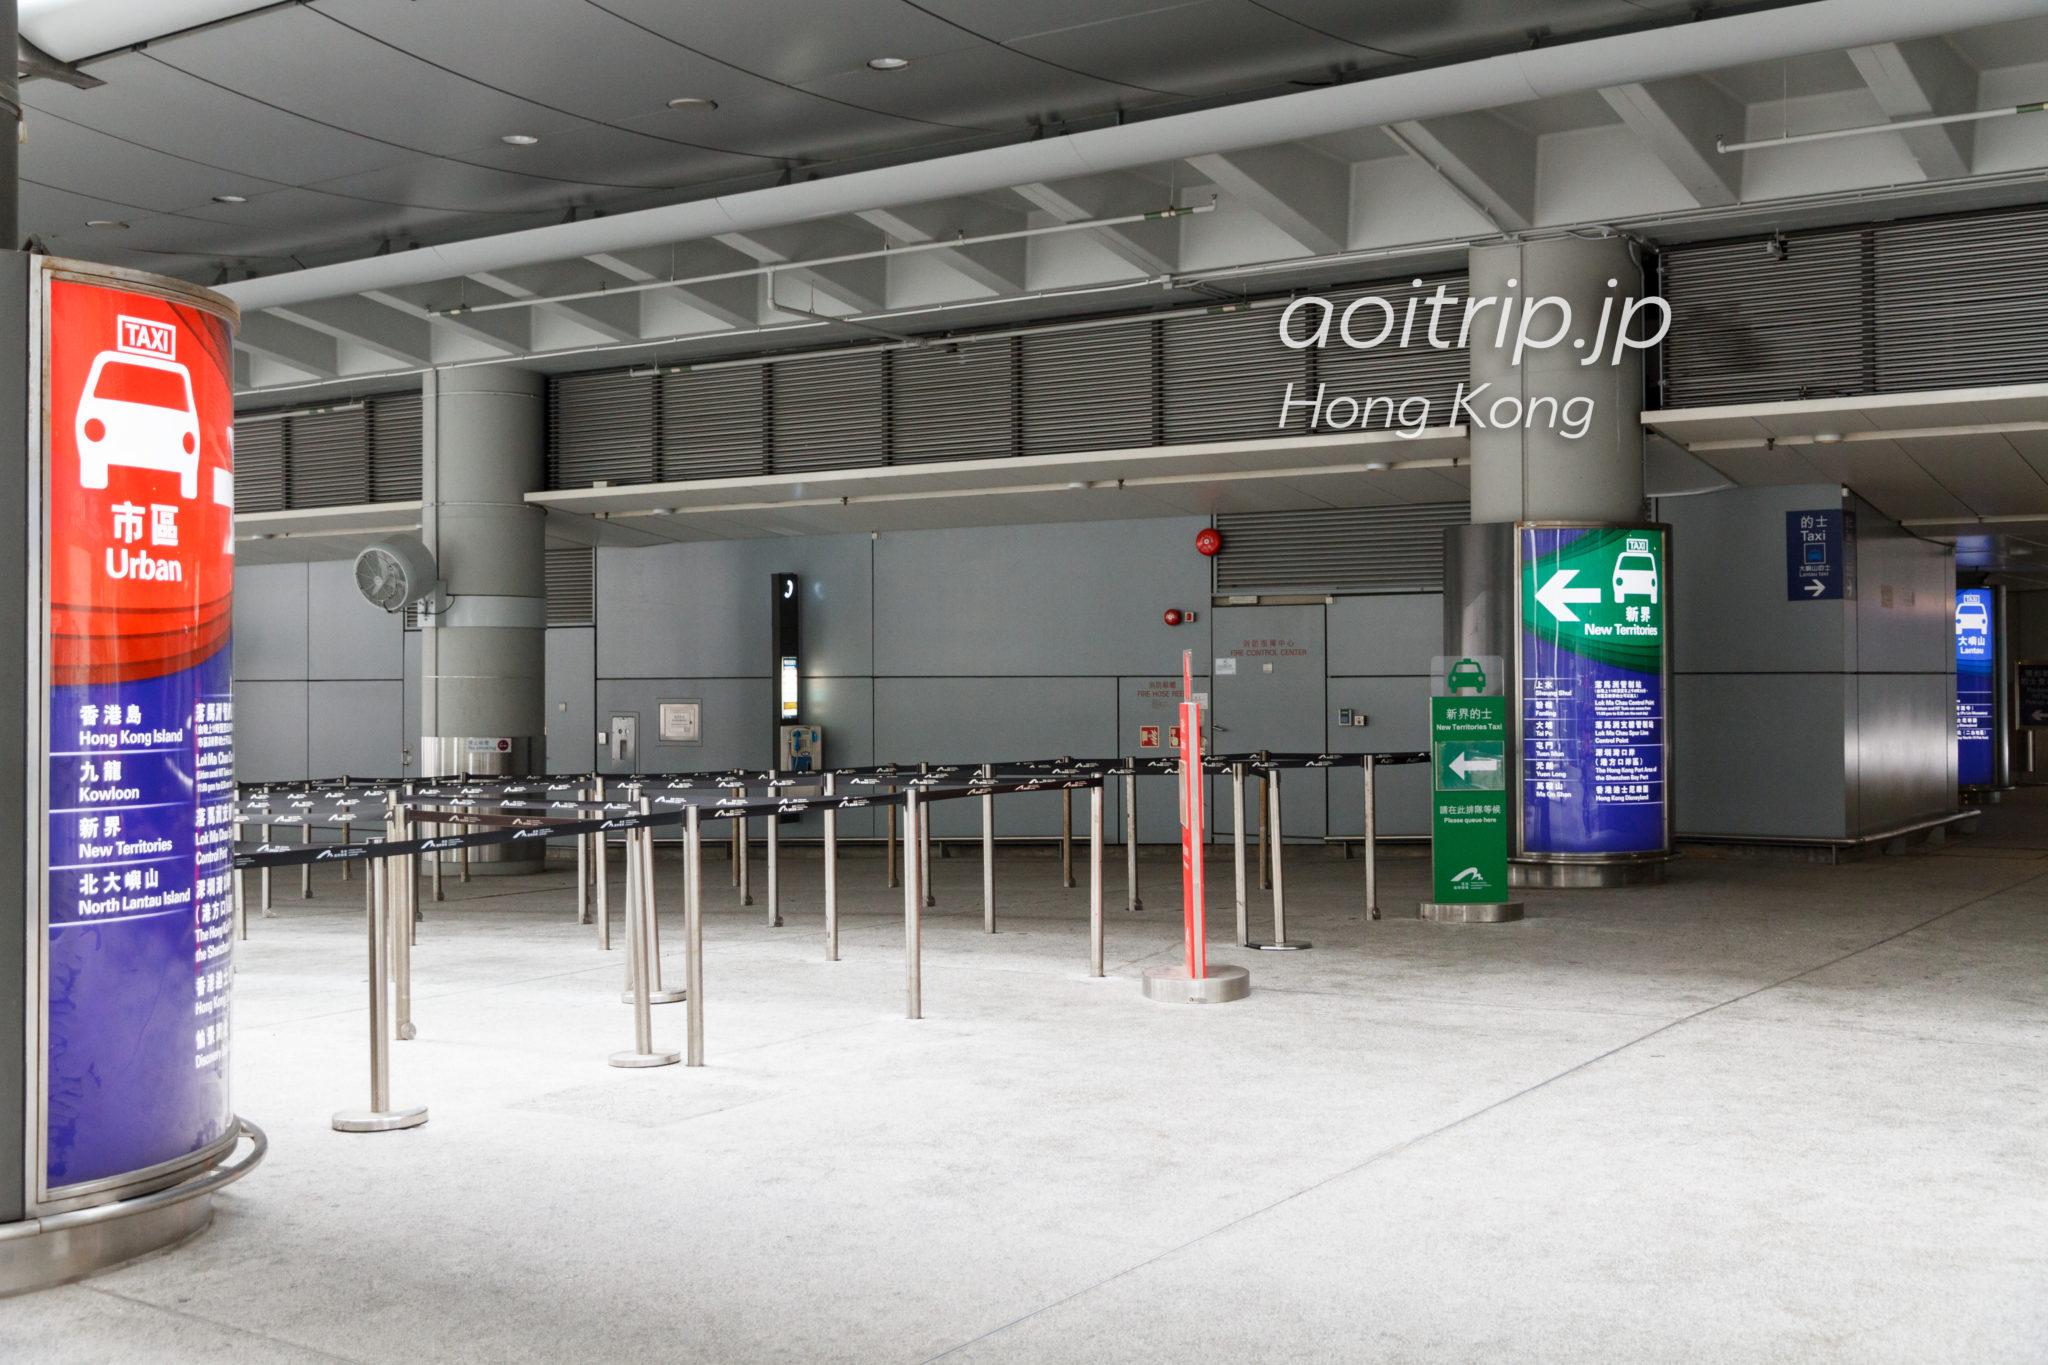 香港国際空港のタクシー乗り場